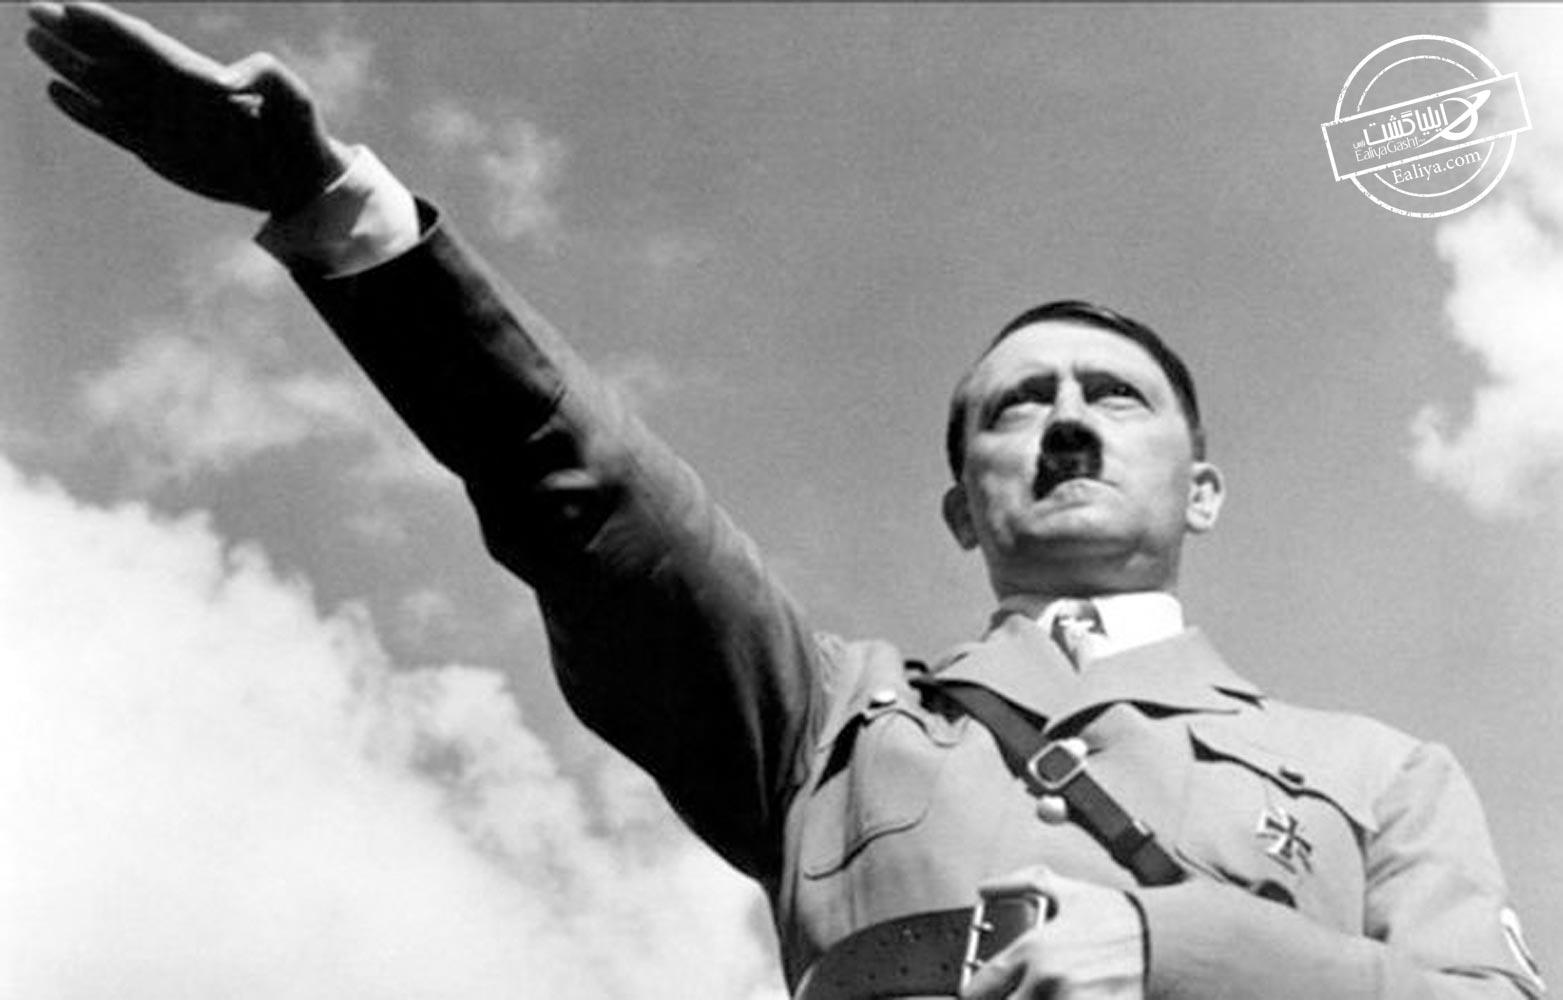 جنگ جهانی دوم و هیتلر